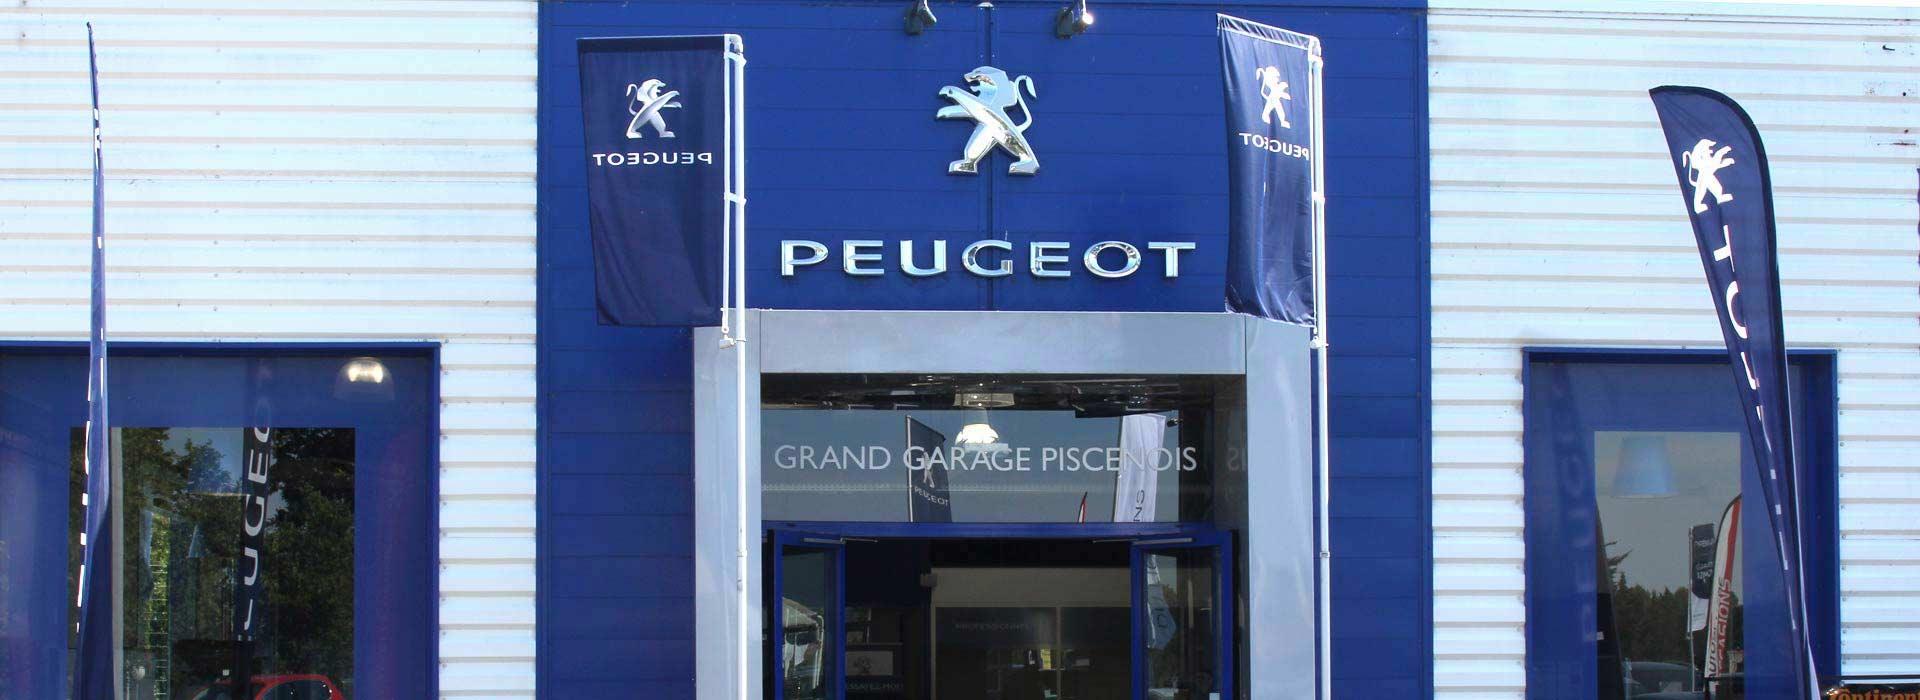 Peugeot pezenas concessionnaire garage h rault 34 for Reprise 206 garage